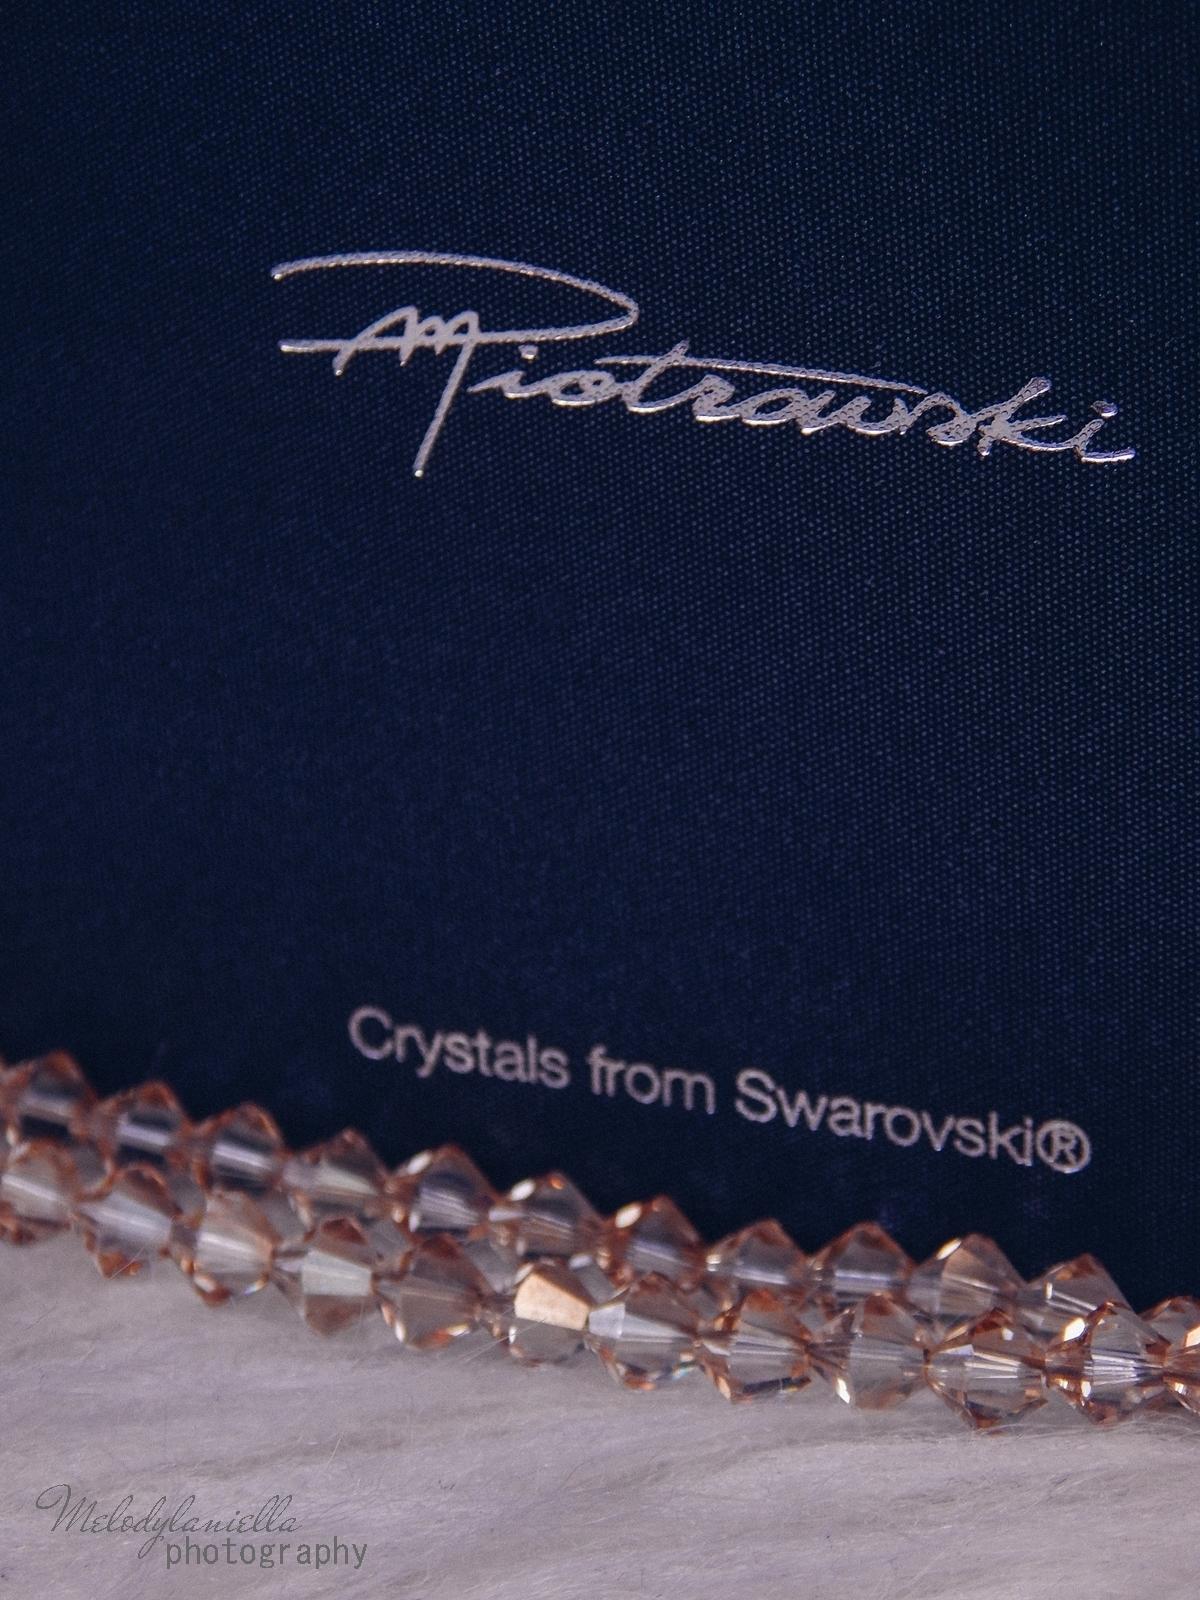 4 biżuteria M piotrowski recenzje kryształy swarovski przegląd opinie recenzje jak dobrać biżuterie modna biżuteria stylowe dodatki kryształy bransoletka z kokardką naszyjnik z kokardą złoto srebro fashion